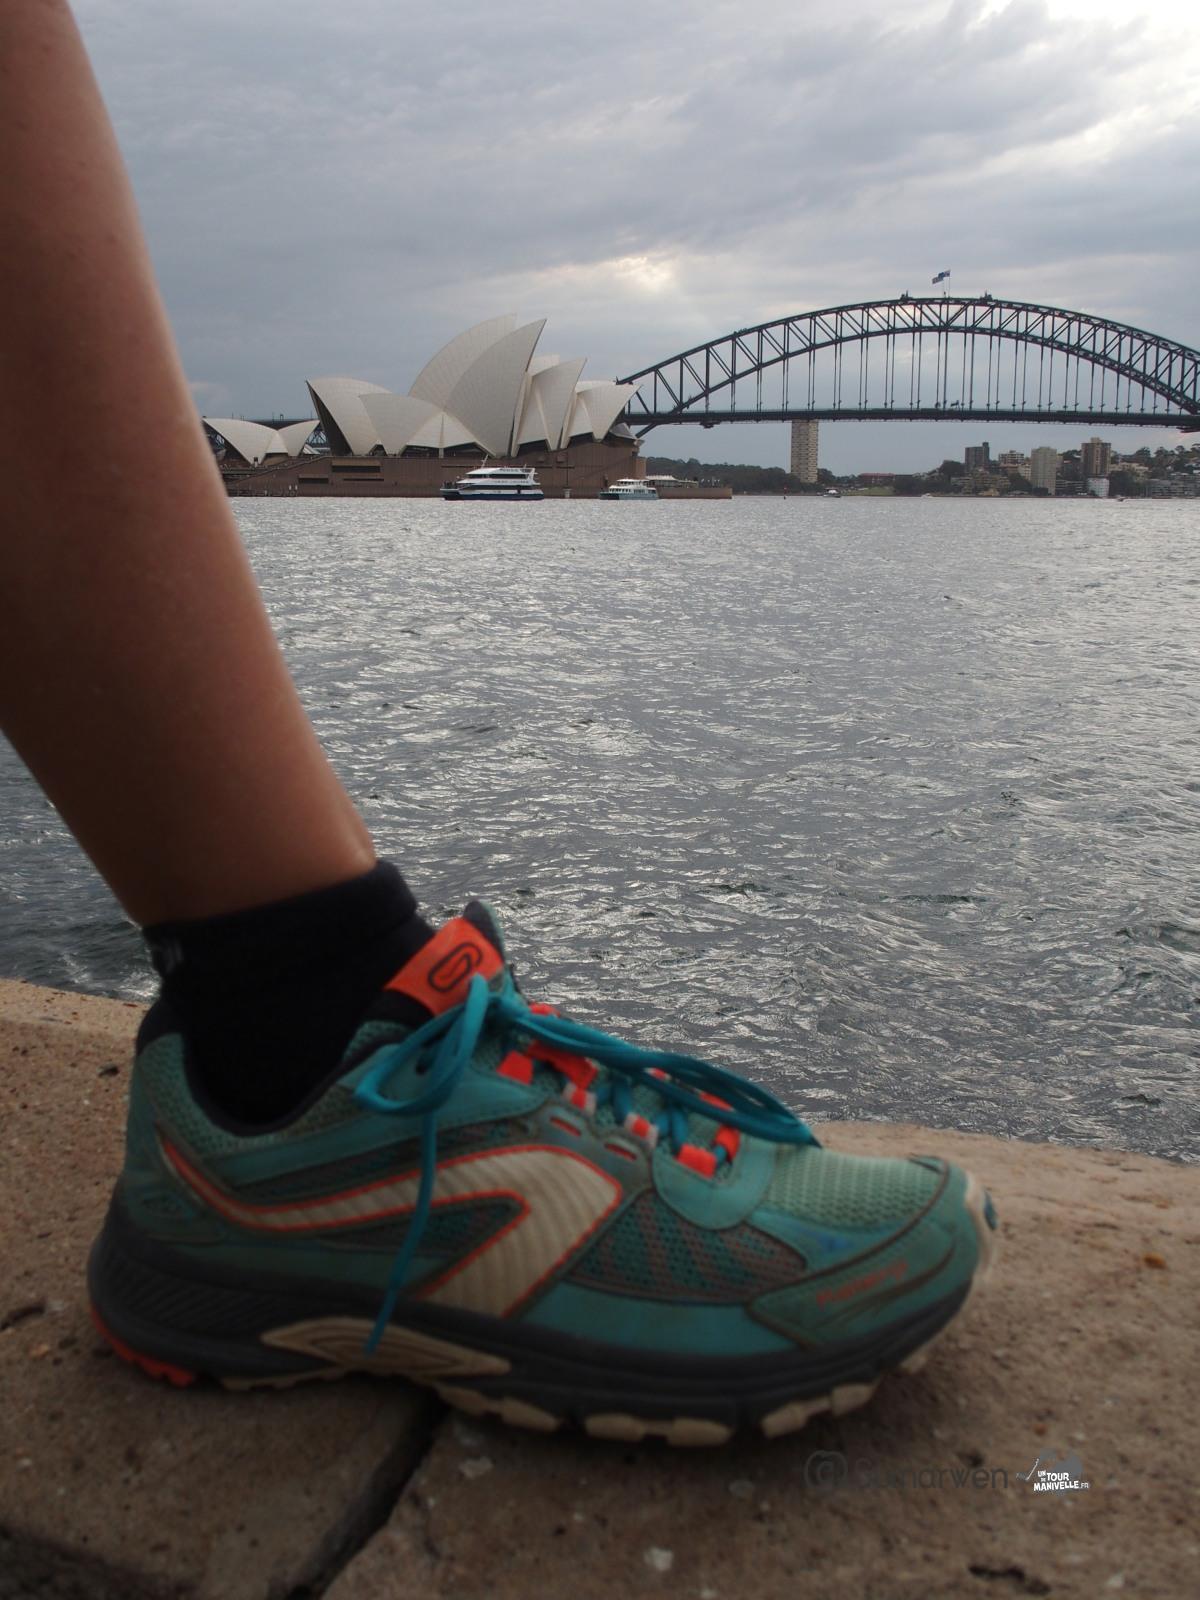 Les Kalenji crossover Decathlon de Guinou à Sydney en Australie